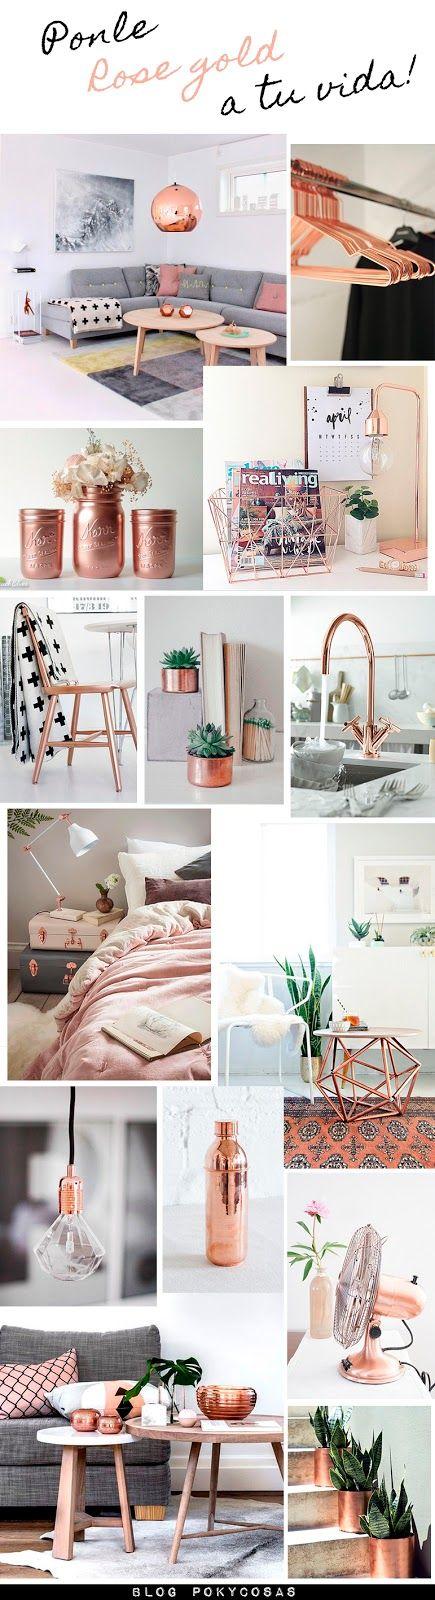 decoracion-cobre-5-zara-home-www-decharcoencharco-com